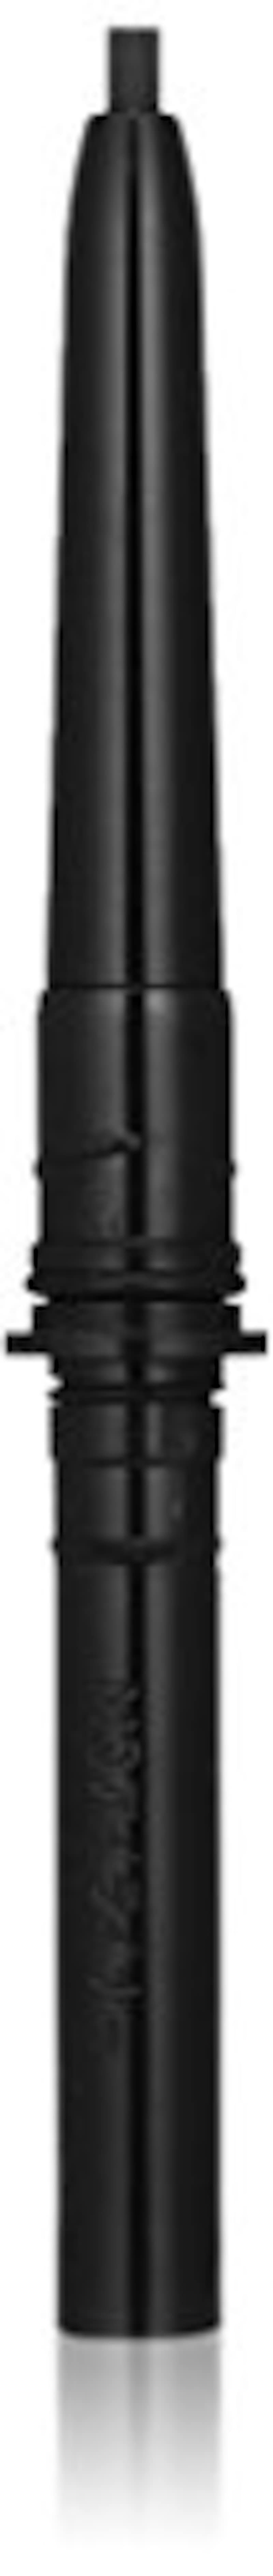 マキアージュ,ロングステイアイライナー,N BK999